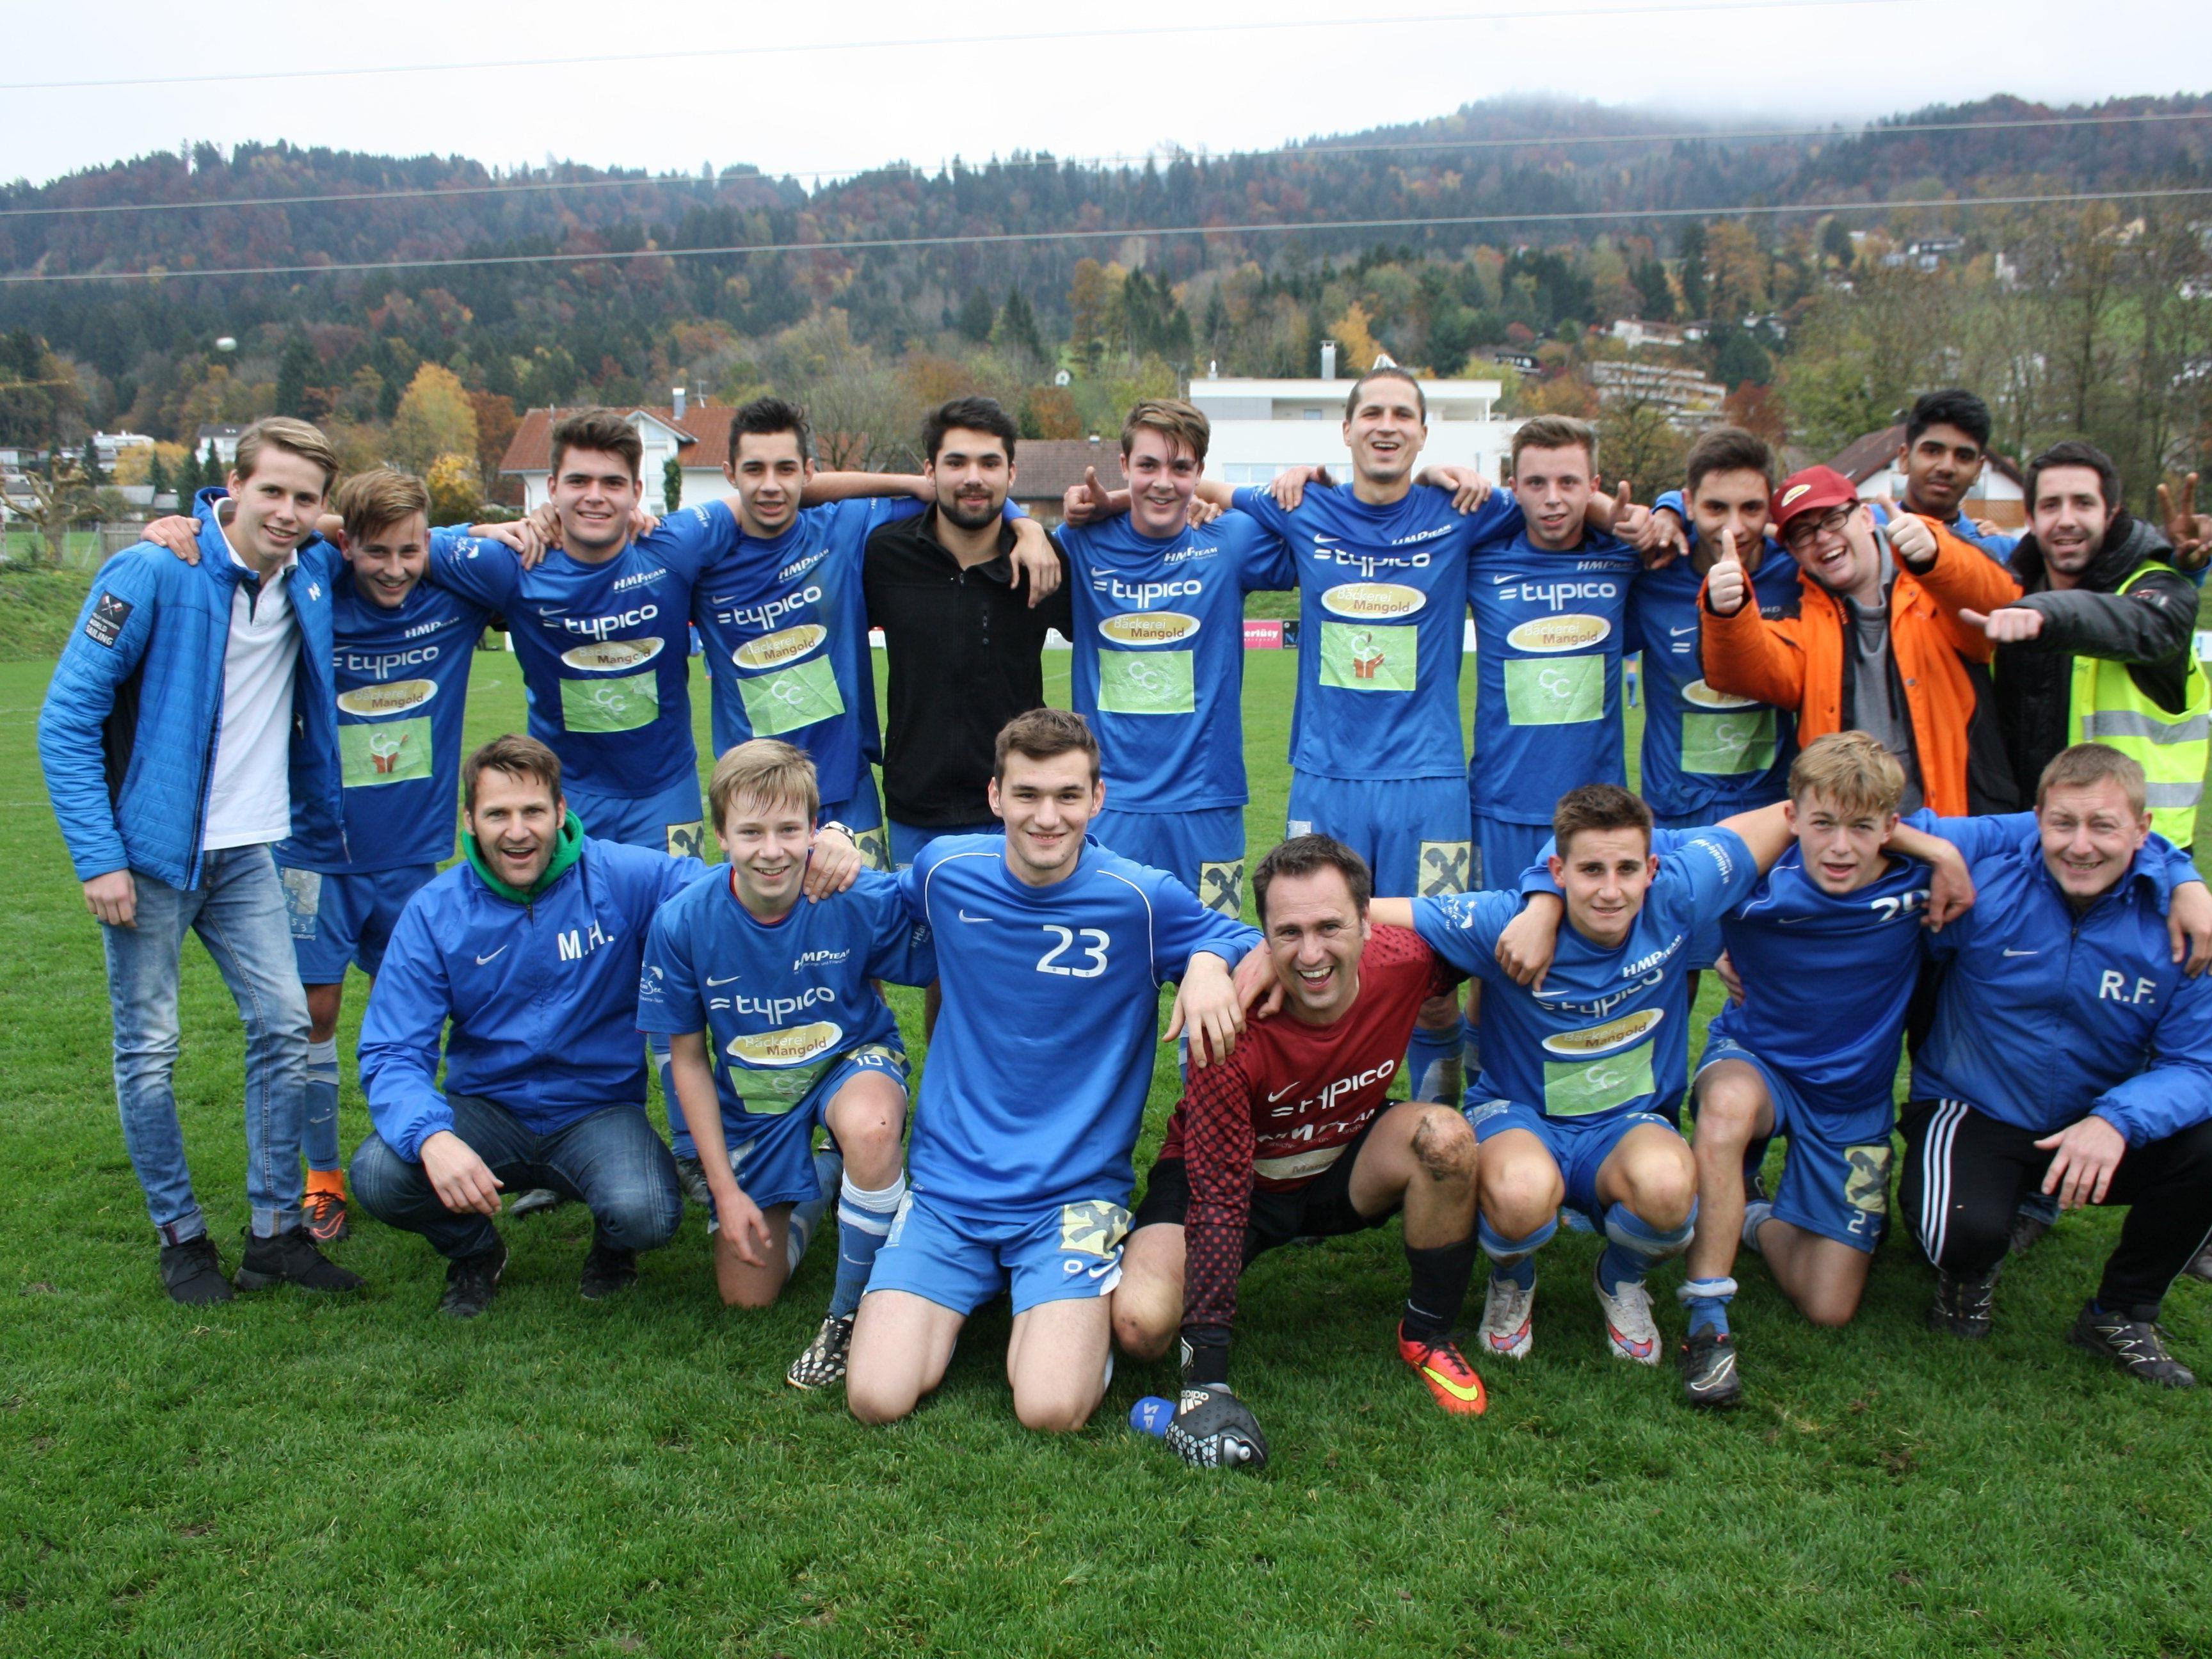 """Die """"Juniors"""" (1b Team) des SV Typico Lochau können sich über eine hervorragende Herbstmeisterschaft freuen."""